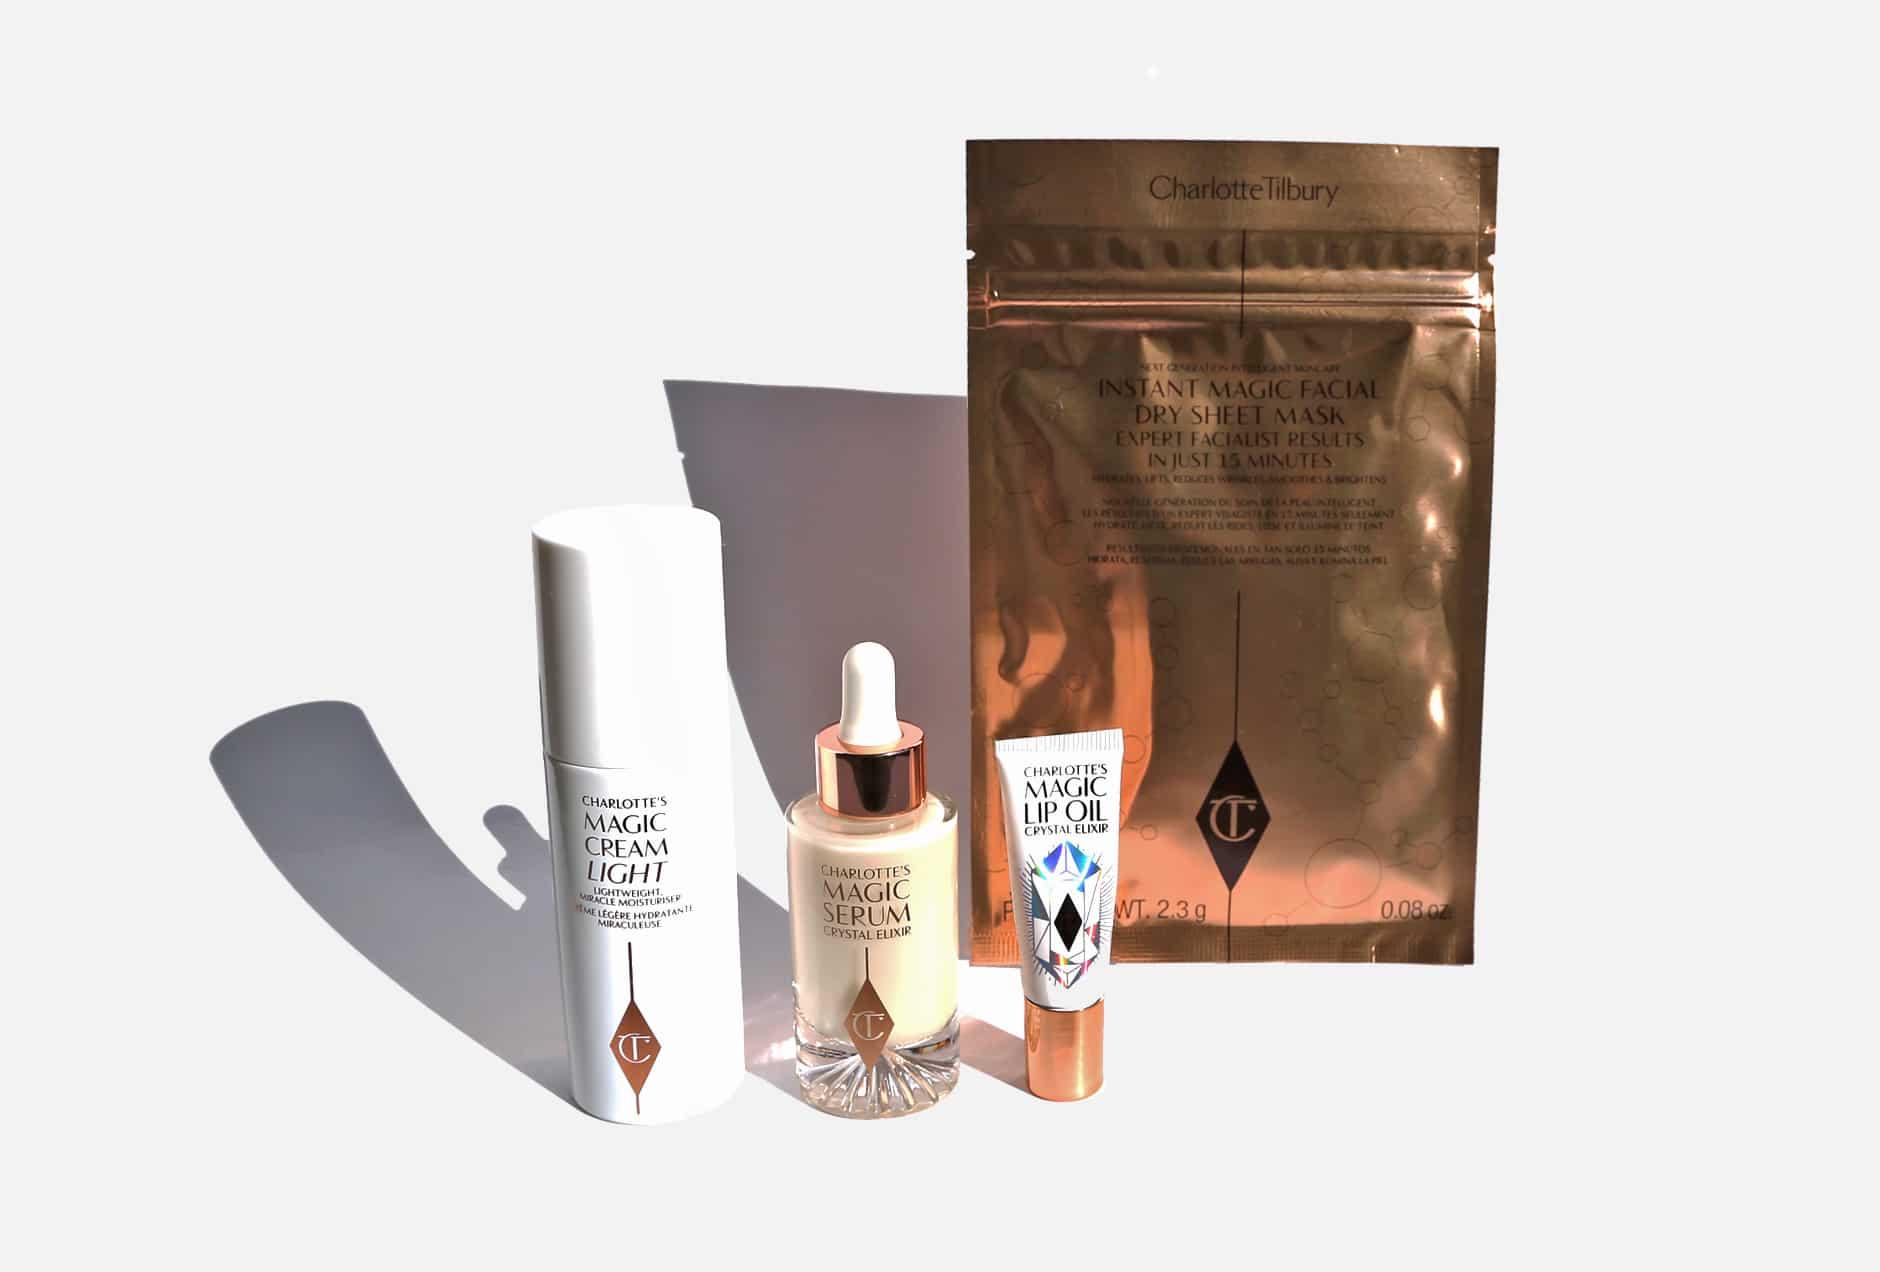 Charlotte Tilbury Skincare pack